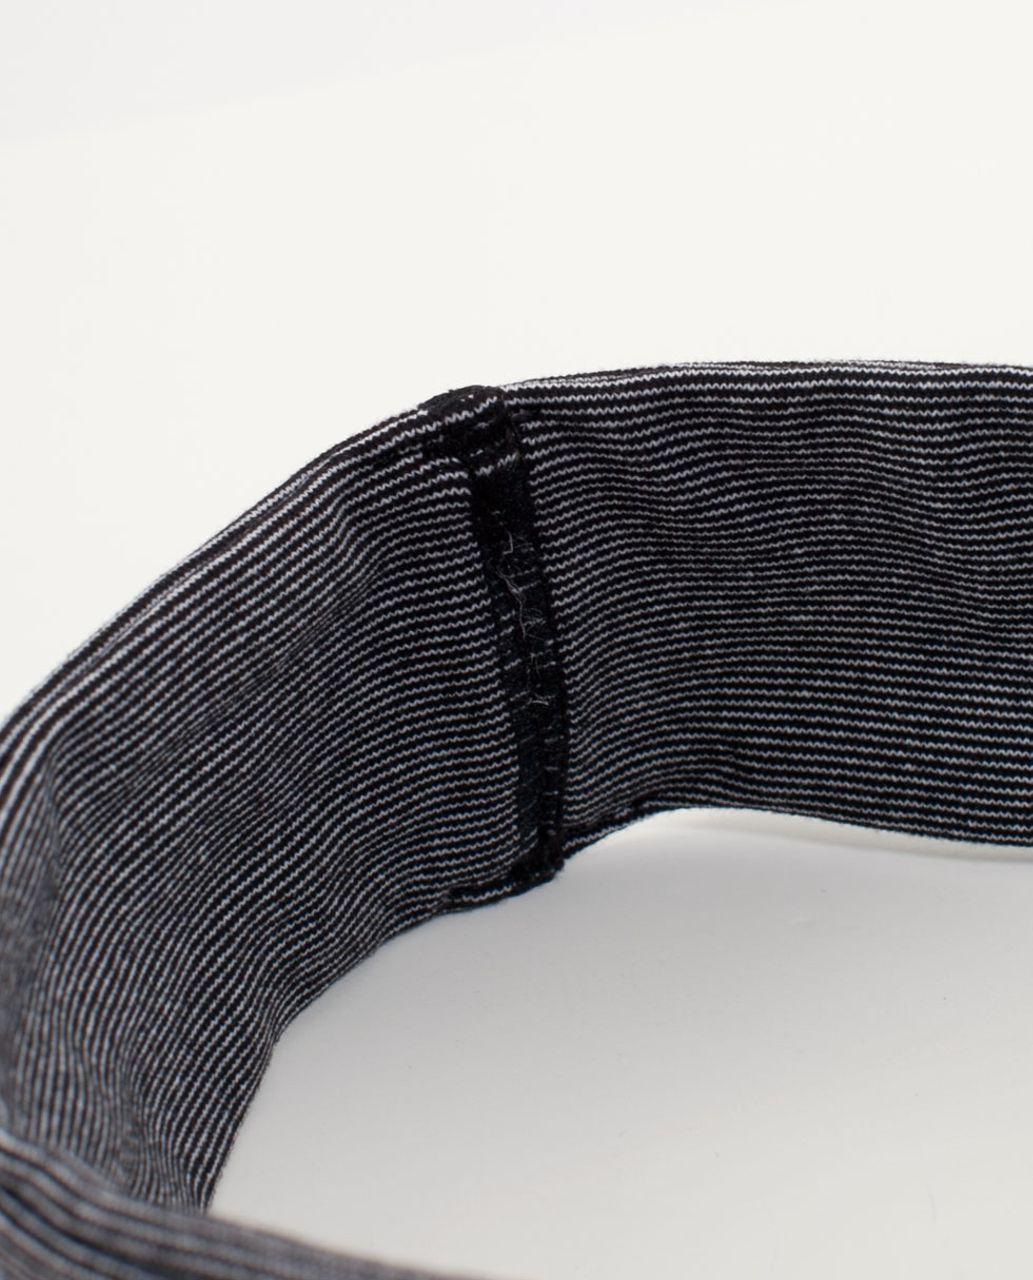 Lululemon Lucky Luon Headband - White Black Mircostripe